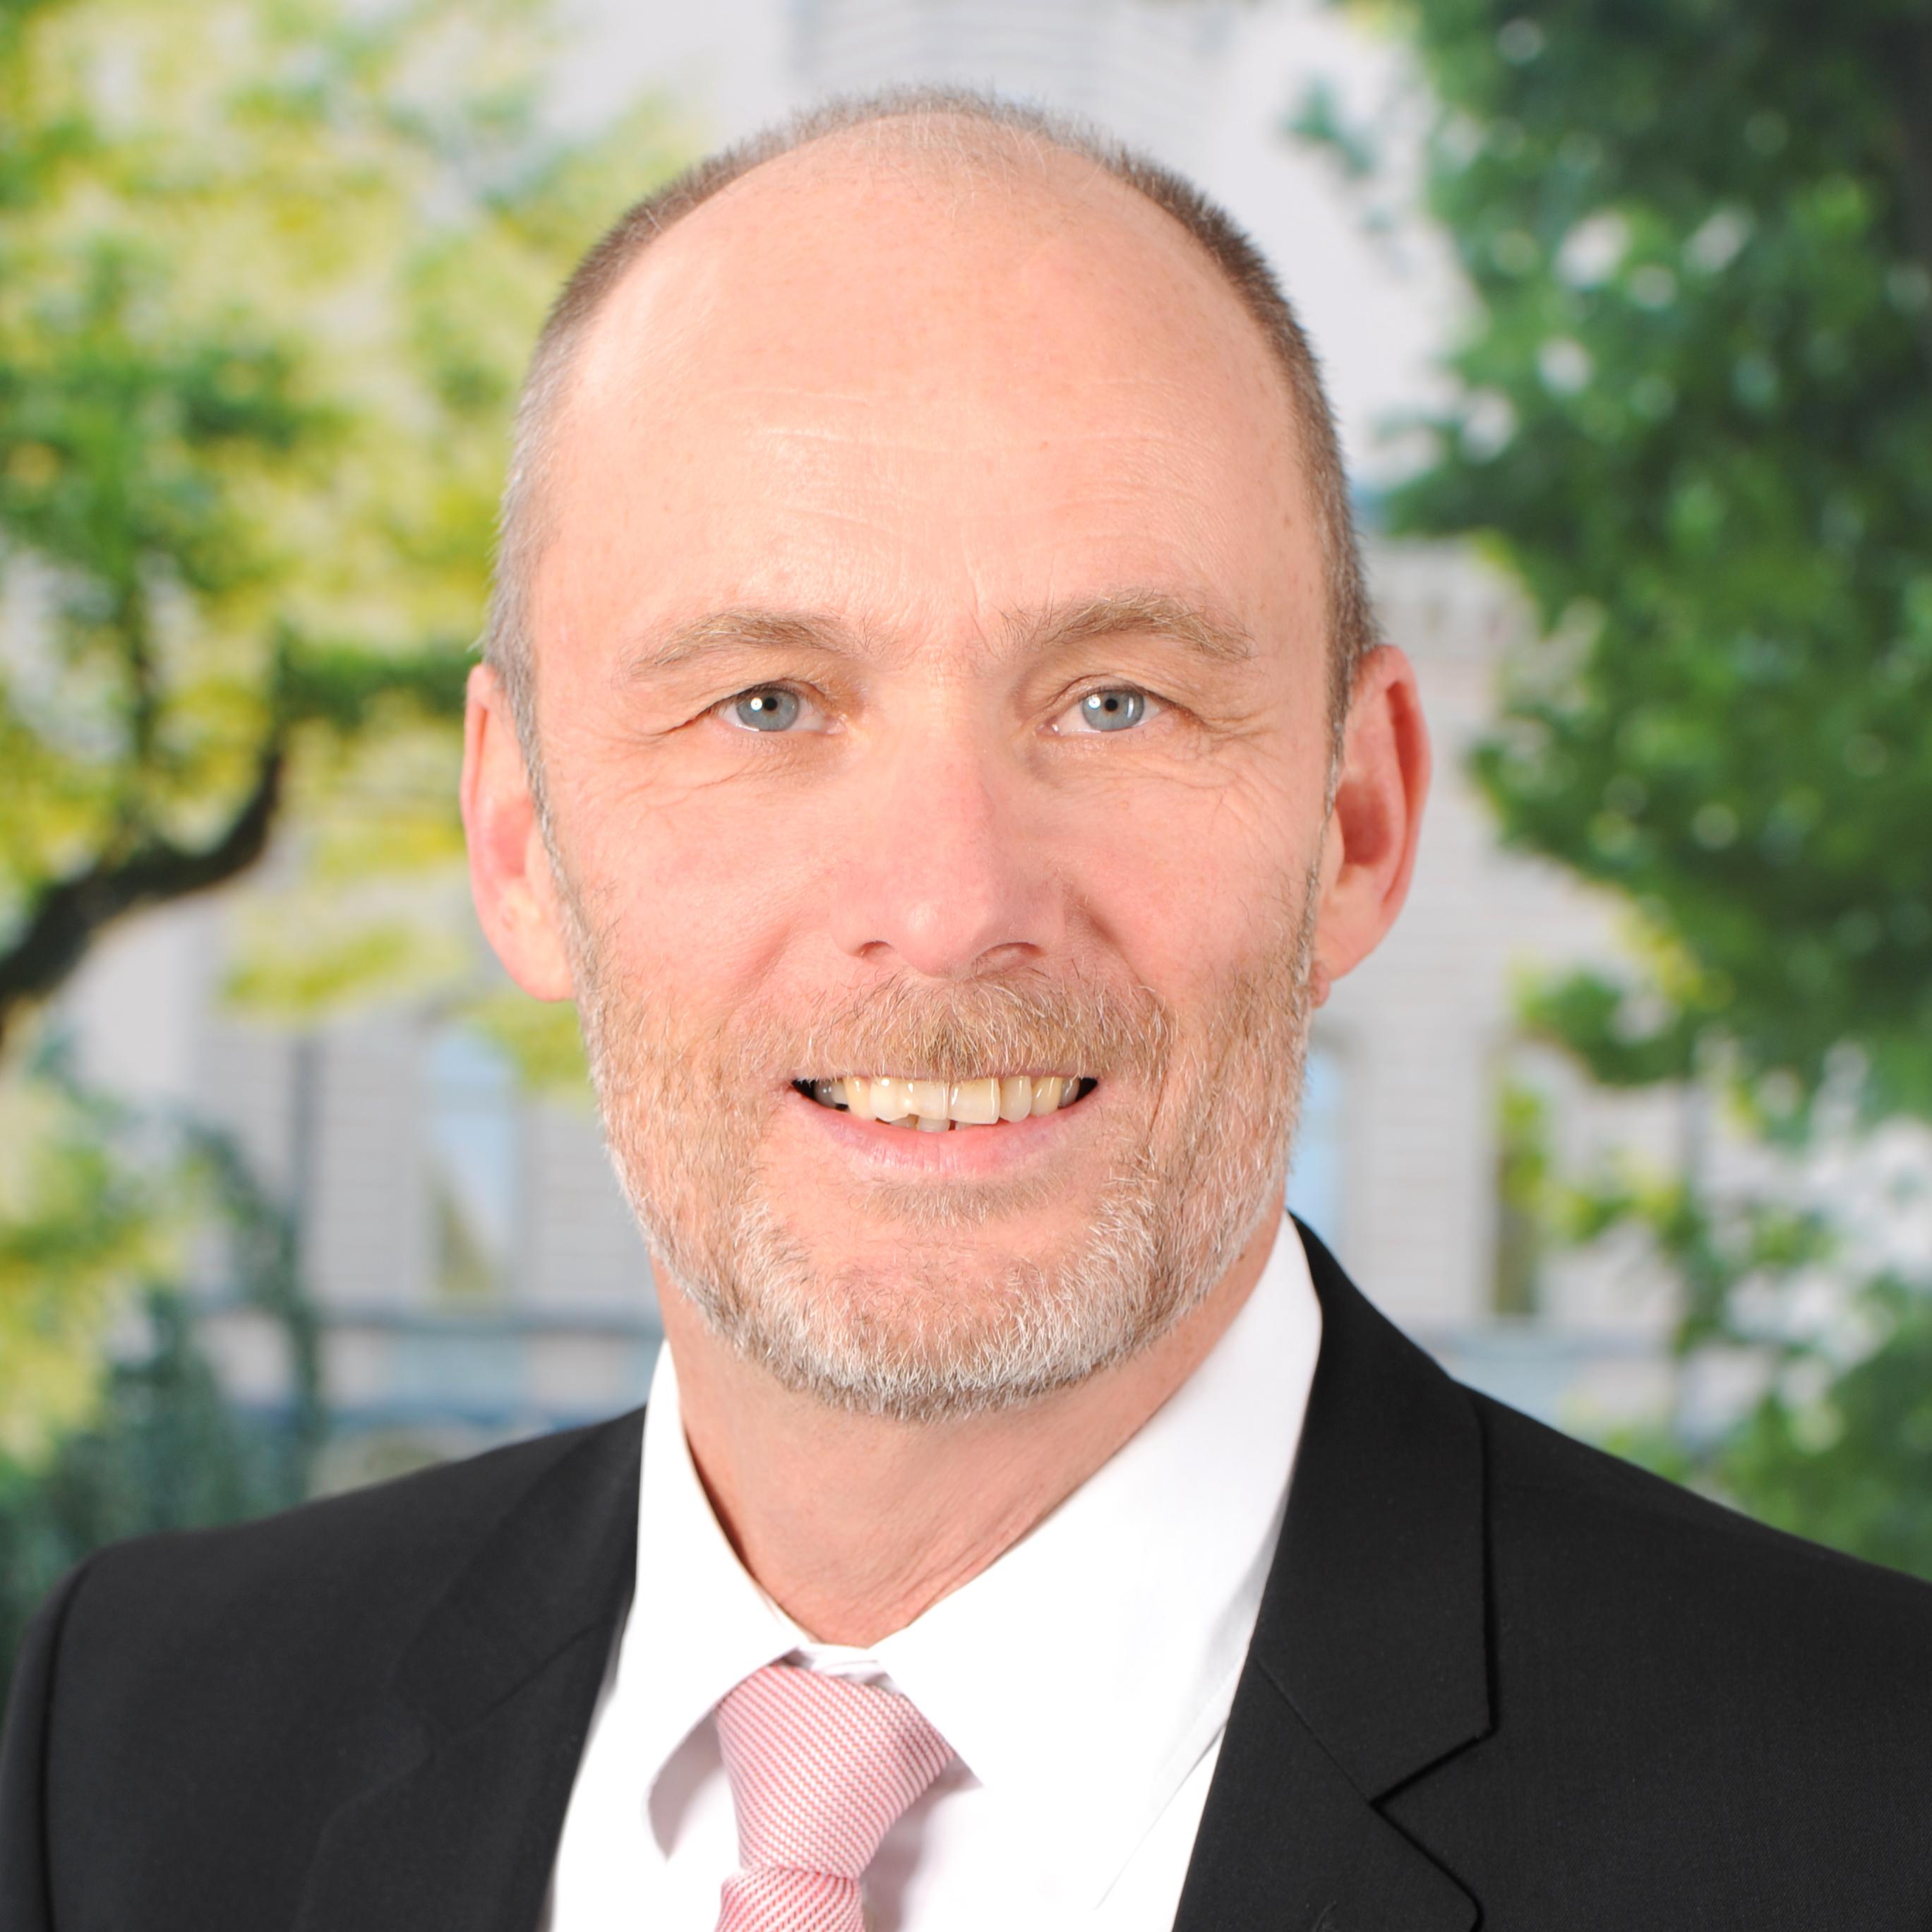 Ralph Seubert